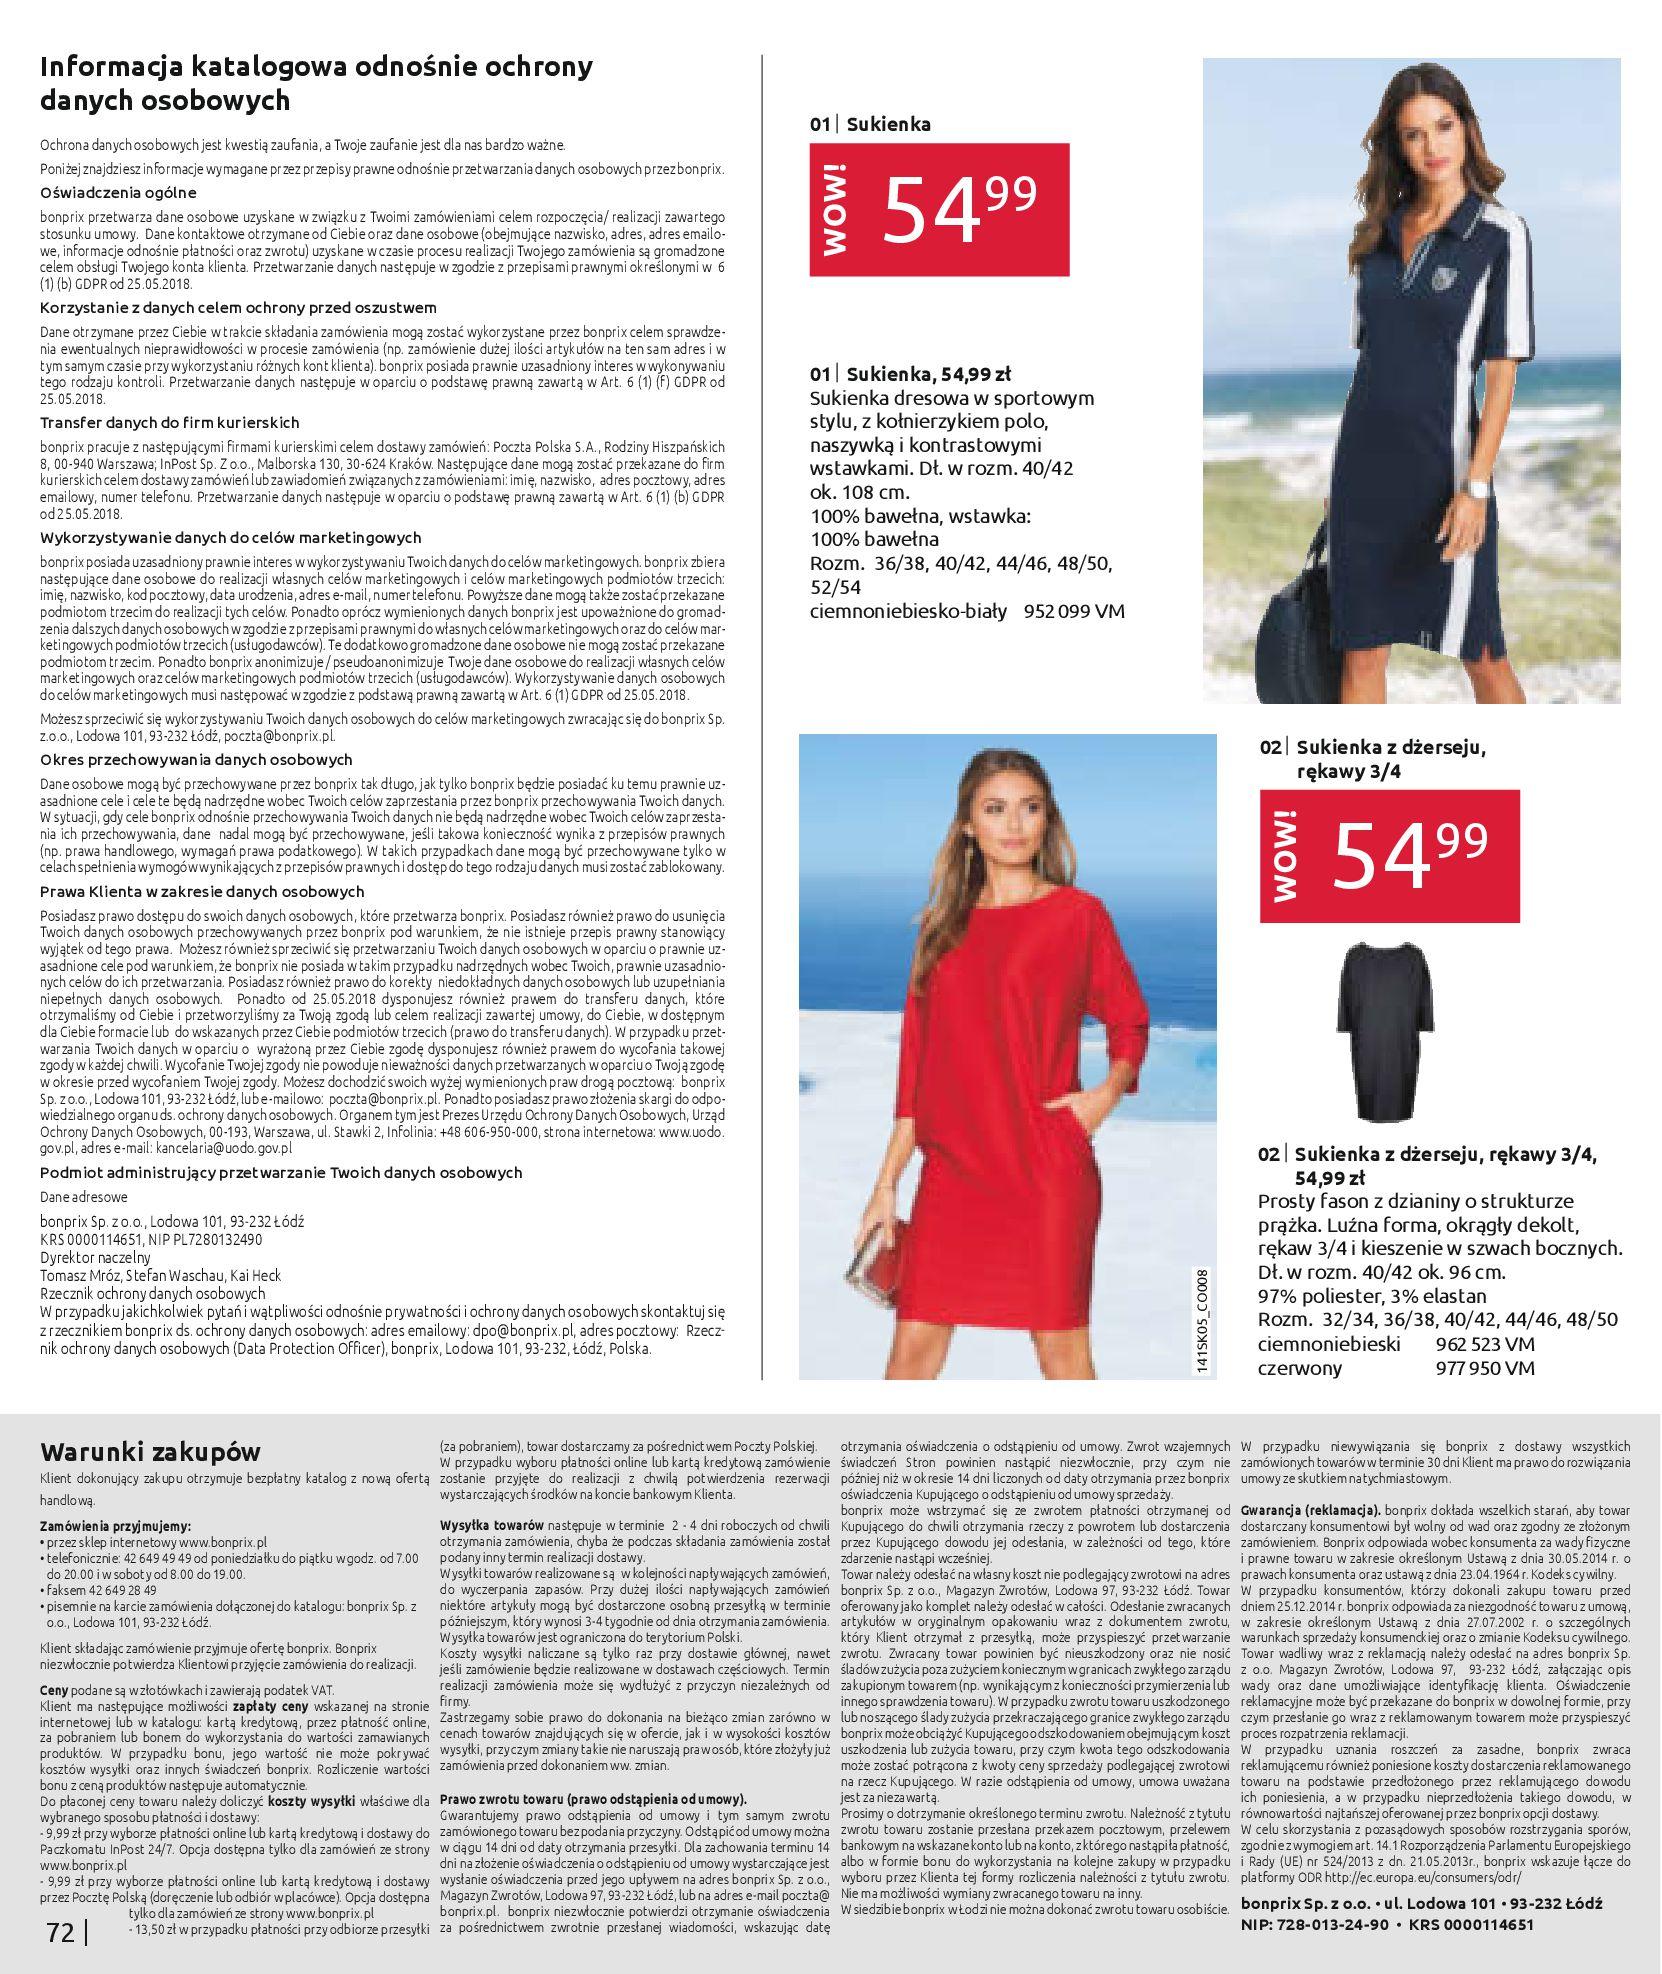 Gazetka Bonprix - Zachwycający look-25.08.2020-18.11.2020-page-74